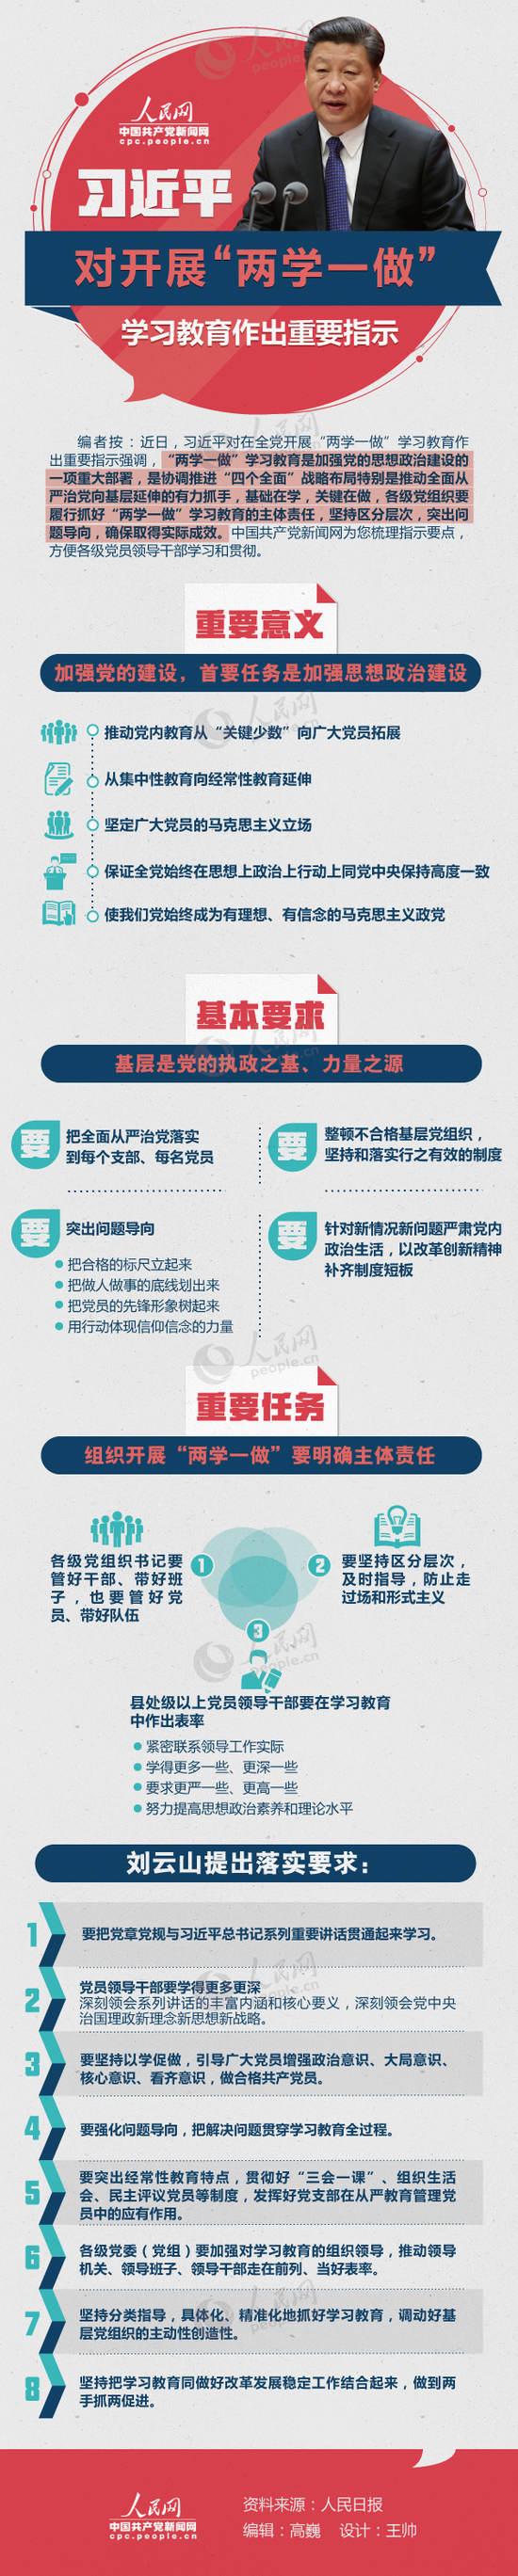 """【图解】习近平对""""两学一做""""学习教育作出重要指示"""